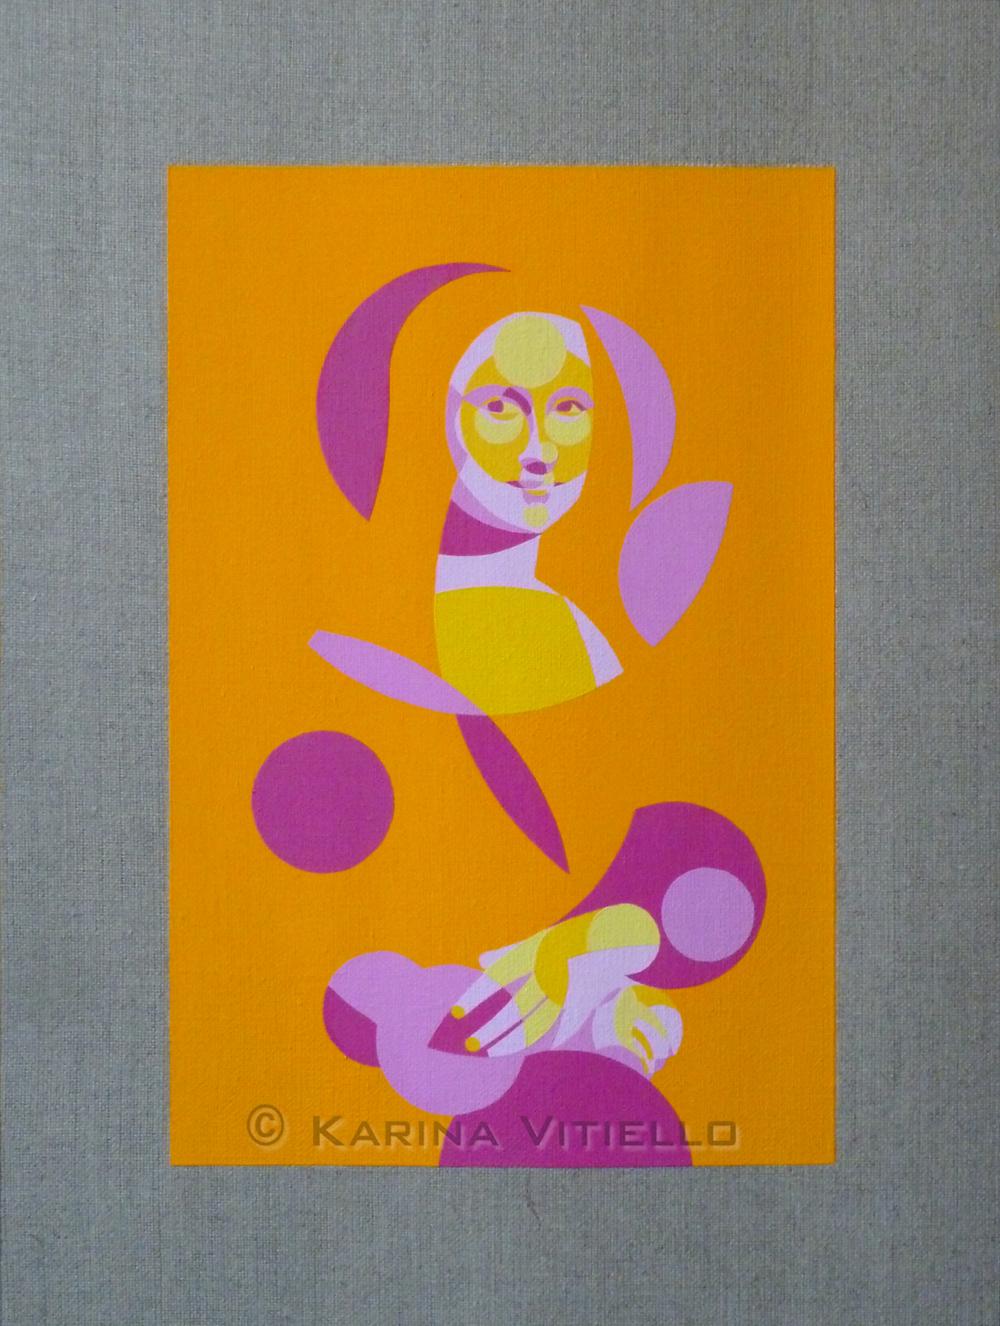 LISA MONA 2013 Acrylique extra-fine sur toile de lin / Acrylic on linen Vernis sélectifs mat et brillant / Mat and glossy varnish Toile non tendue 30x40cm - partie peinte 20x30cm / Unstretched linen 30x40cm - painted area 20x30cm Fait en 8 exemplaires originaux numérotés et signés au dos / Made in 8 original copies numbered and signed at the back Tous droits réservés copyright © Karina Vitiello